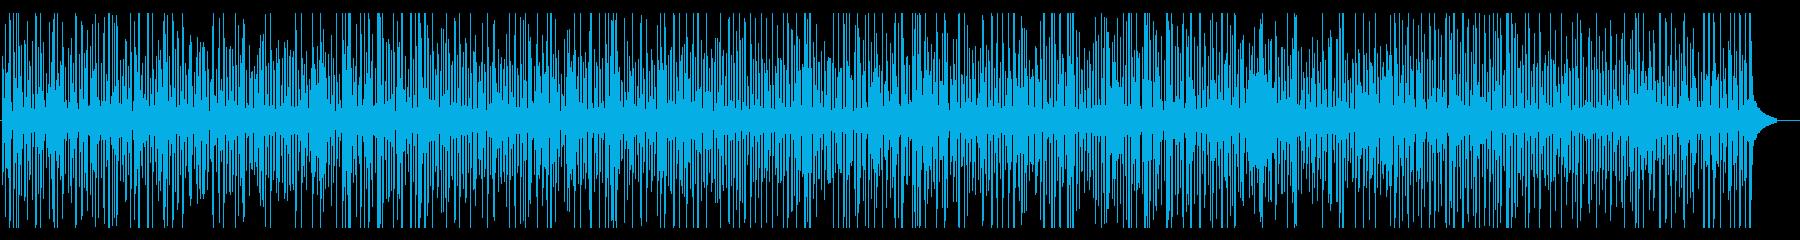 切ない・哀愁・アコーディオン・疾走感の再生済みの波形